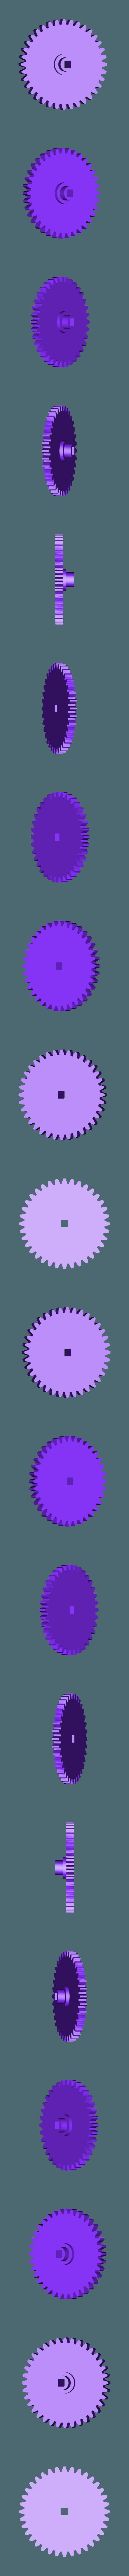 Gear_Axle.stl Download free STL file Impatience, Motorized • 3D printer object, gzumwalt